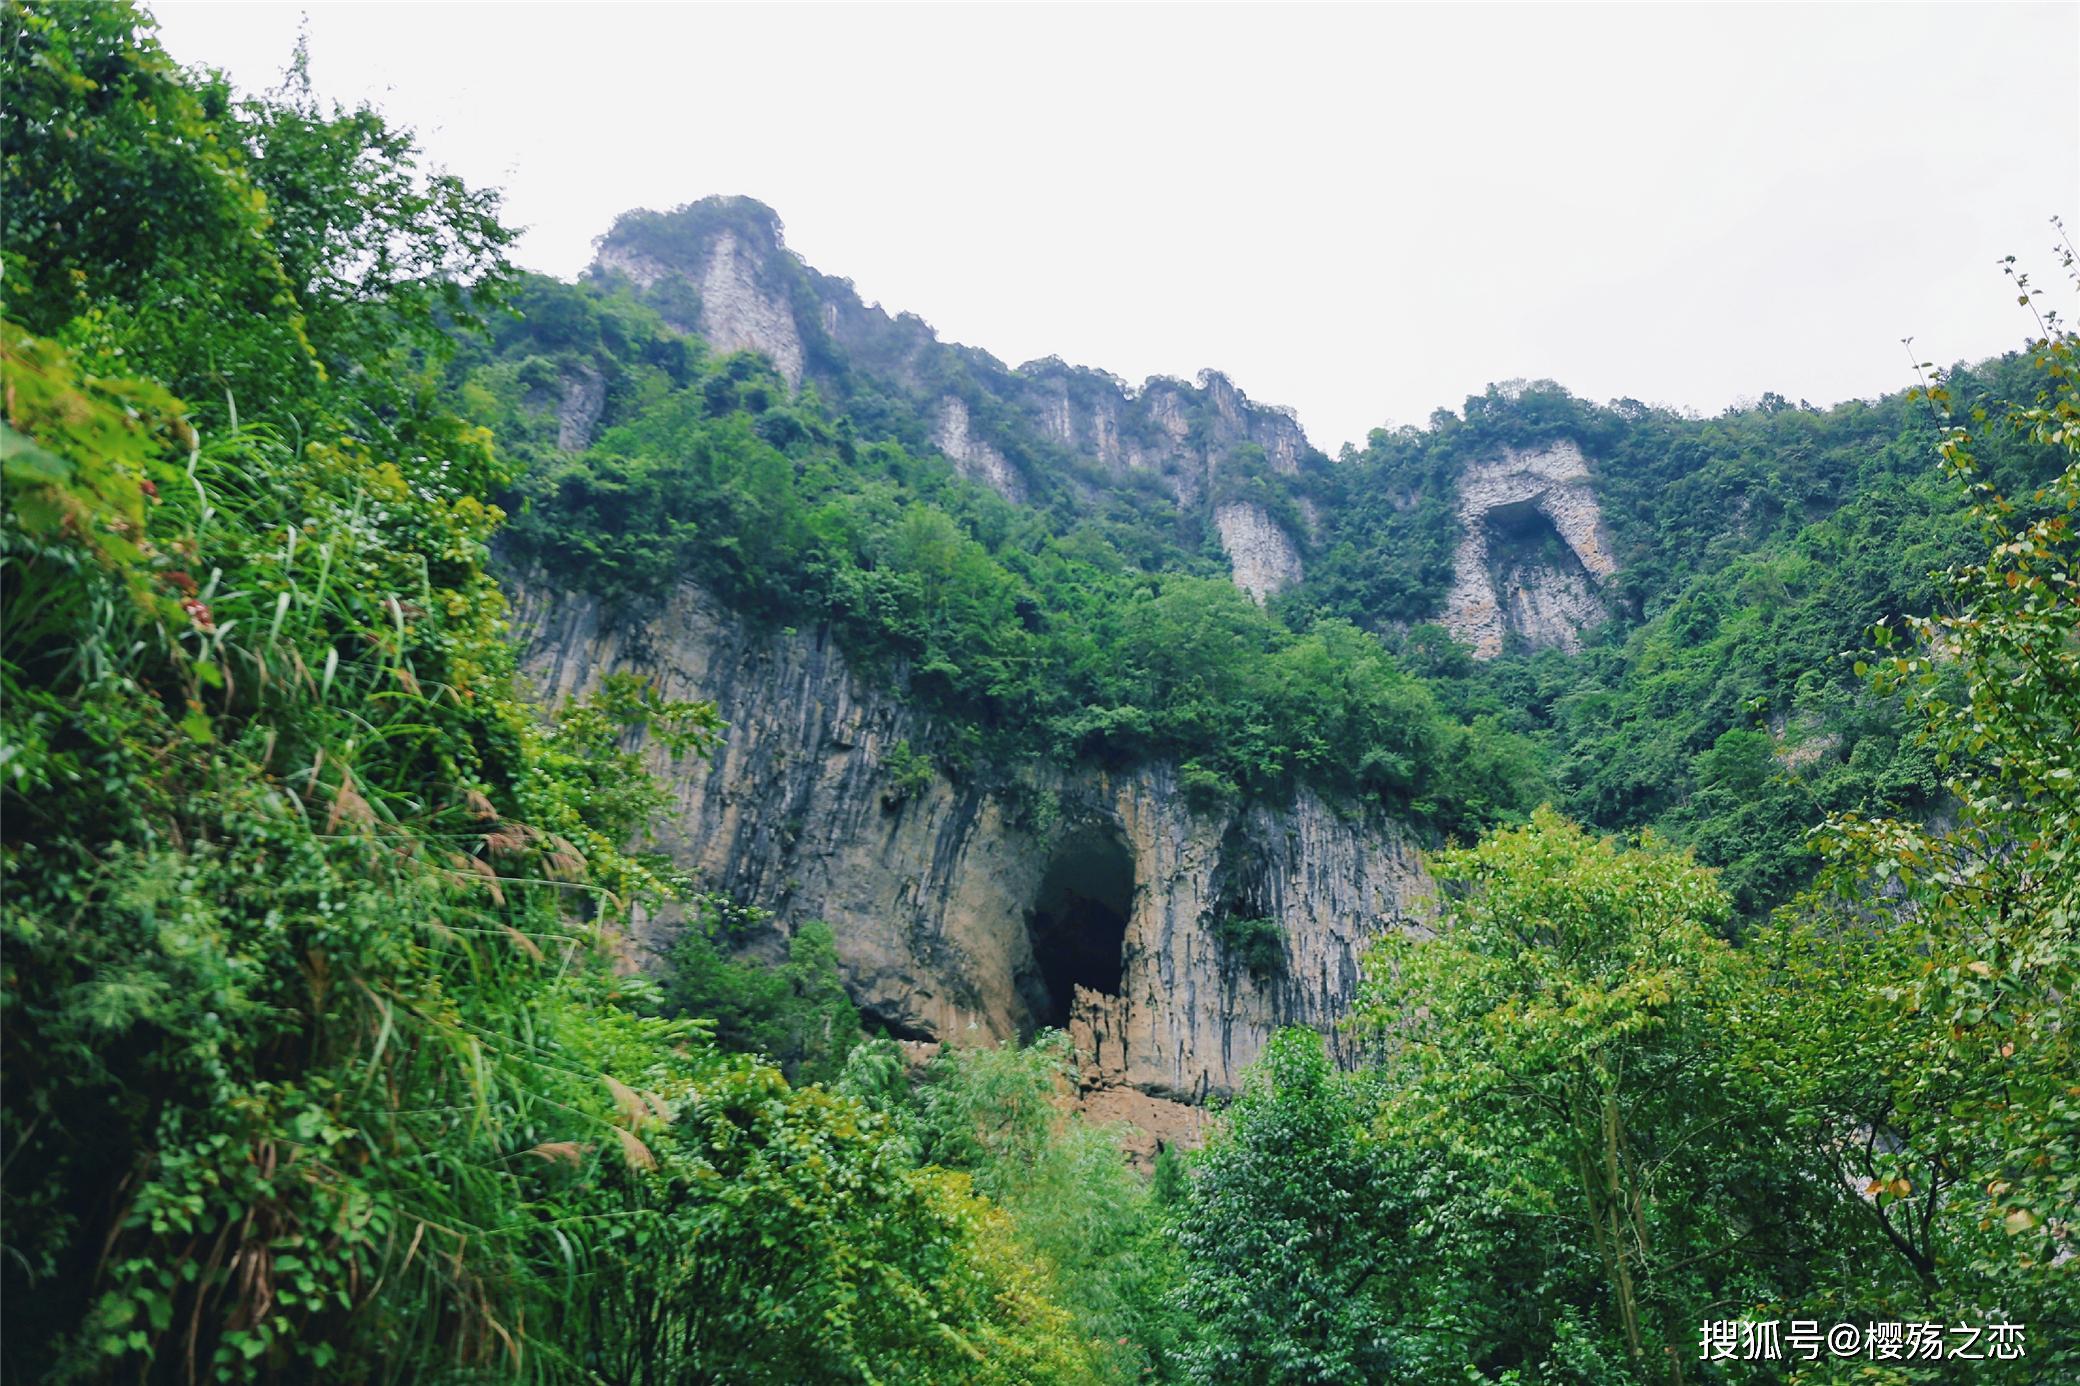 中国唯一以贵金属命名的洞穴,风光绝美,距今已有1.5亿年的历史